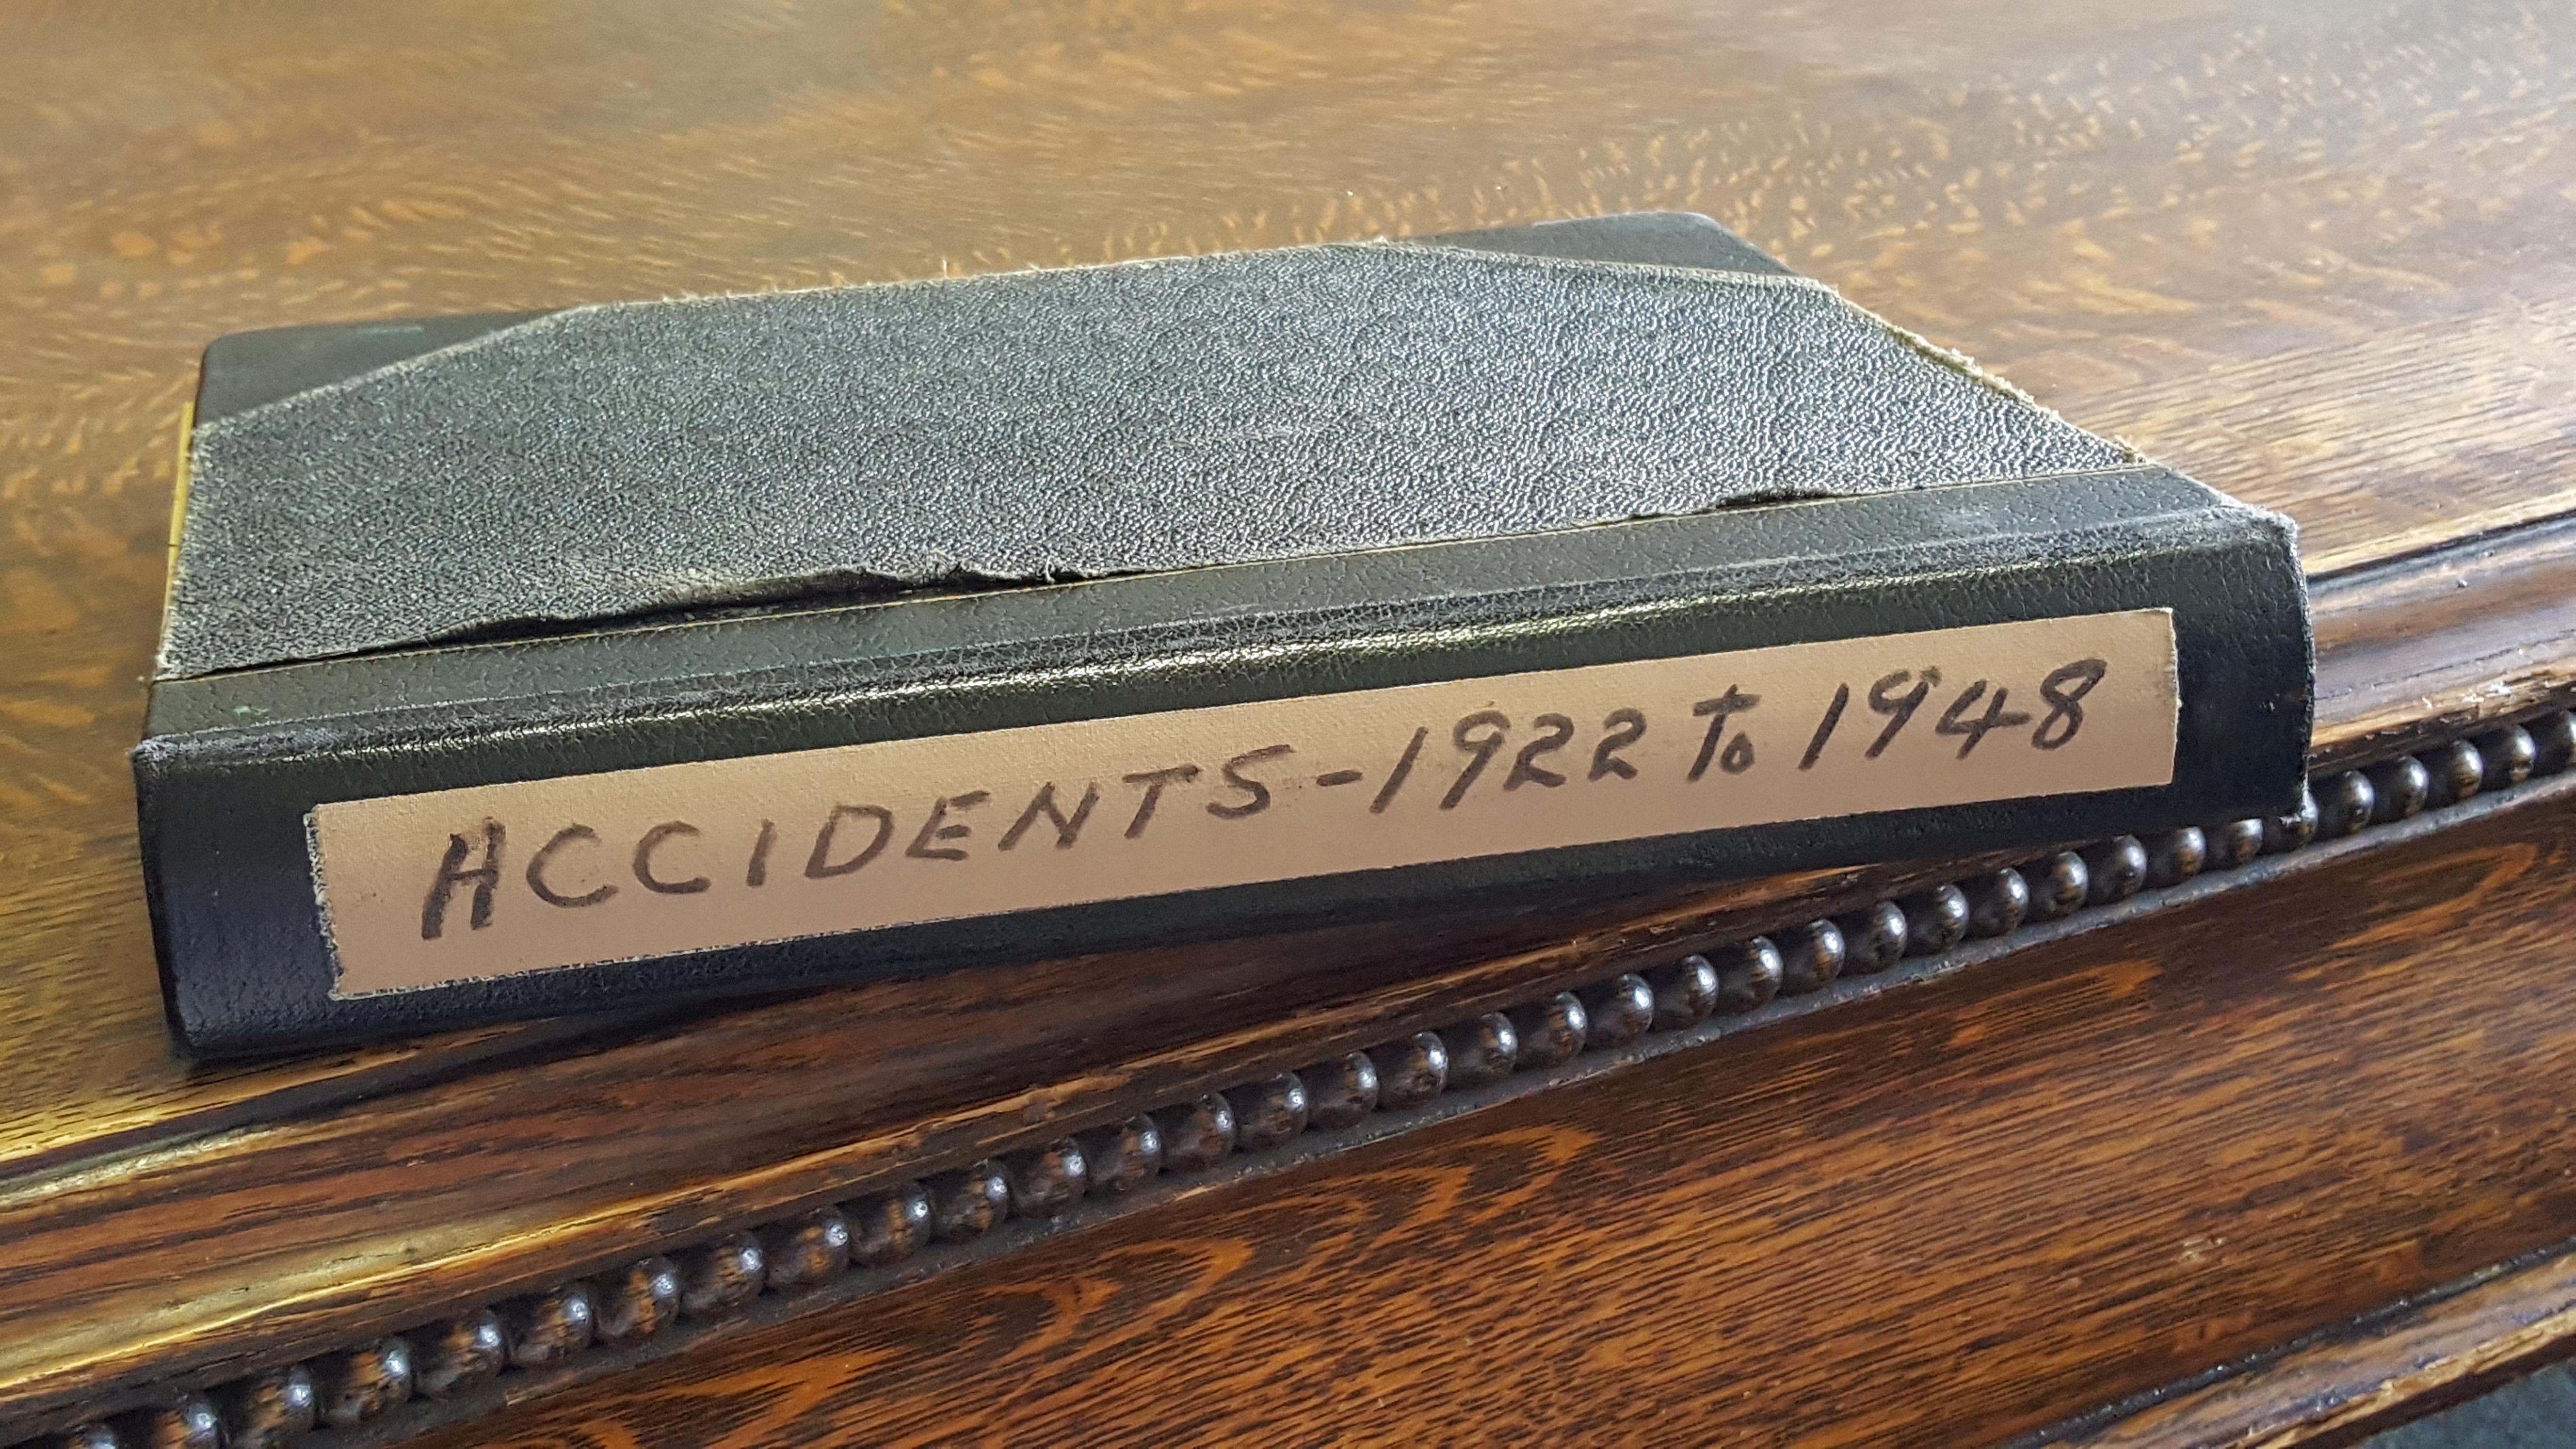 Vieux carnet noir sur une table en bois. Sur une étiquette au dos du livre est inscrit: Accidents – 1922-1948